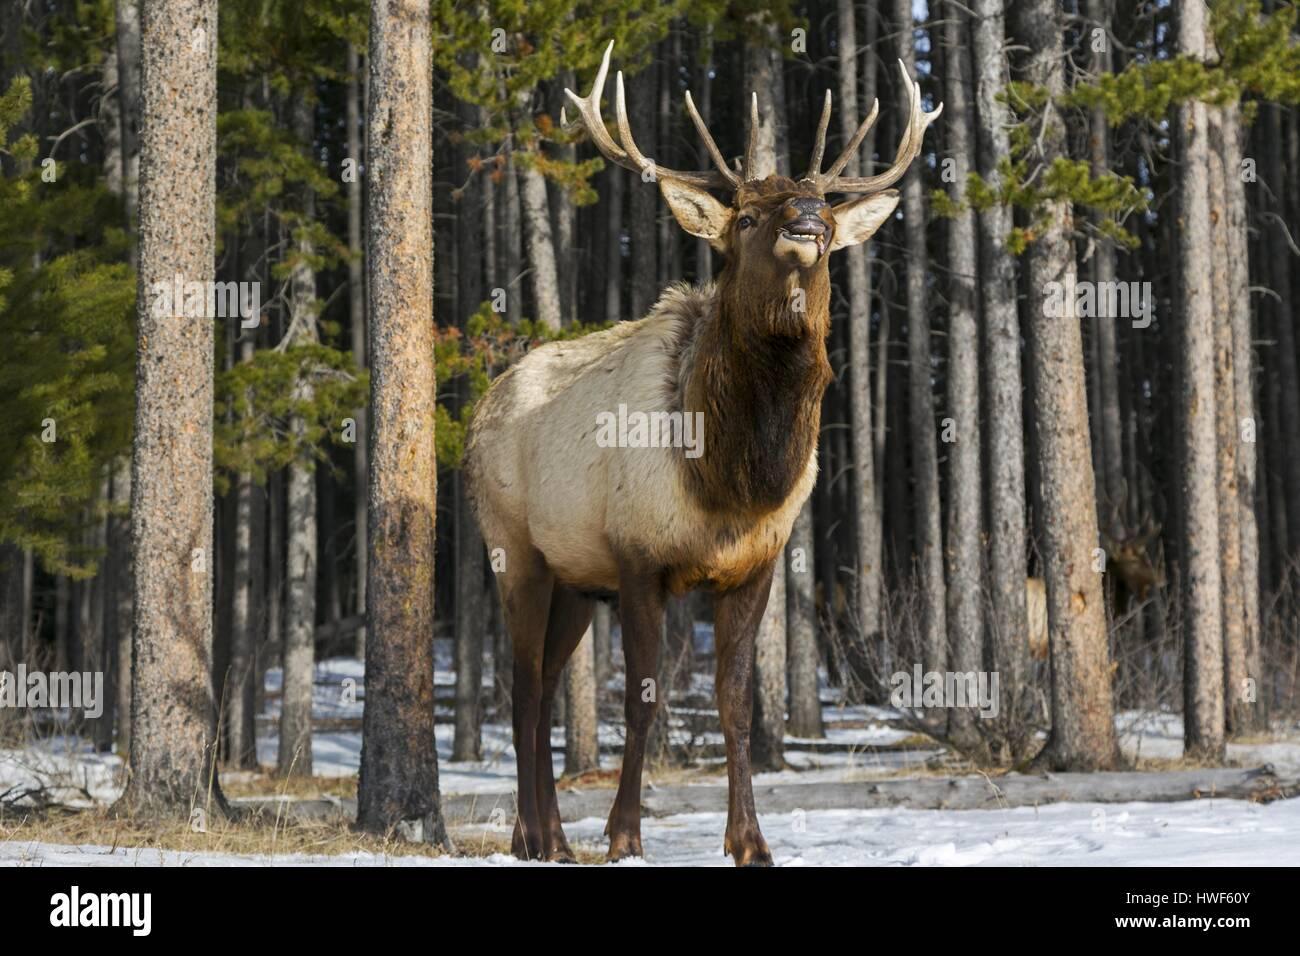 young-bull-deer-during-rut-season-lookin